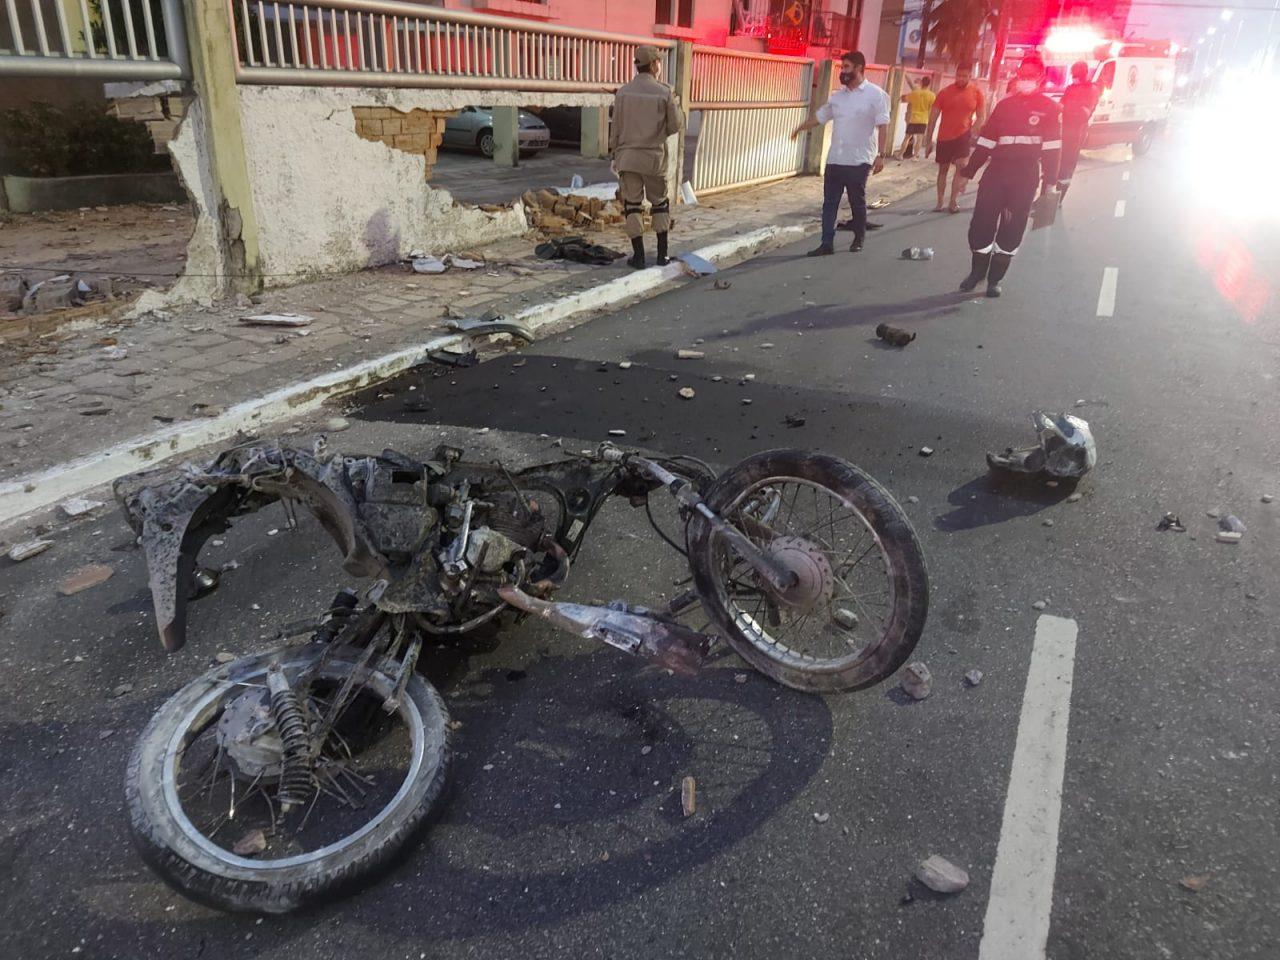 """WhatsApp Image 2021 09 11 at 08.17.17 2 scaled - TRAGÉDIA! Motoboy morre em acidente envolvendo carro em João Pessoa, e amigos acusam motorista: """"Estava embriagado"""" - VEJA VÍDEO"""